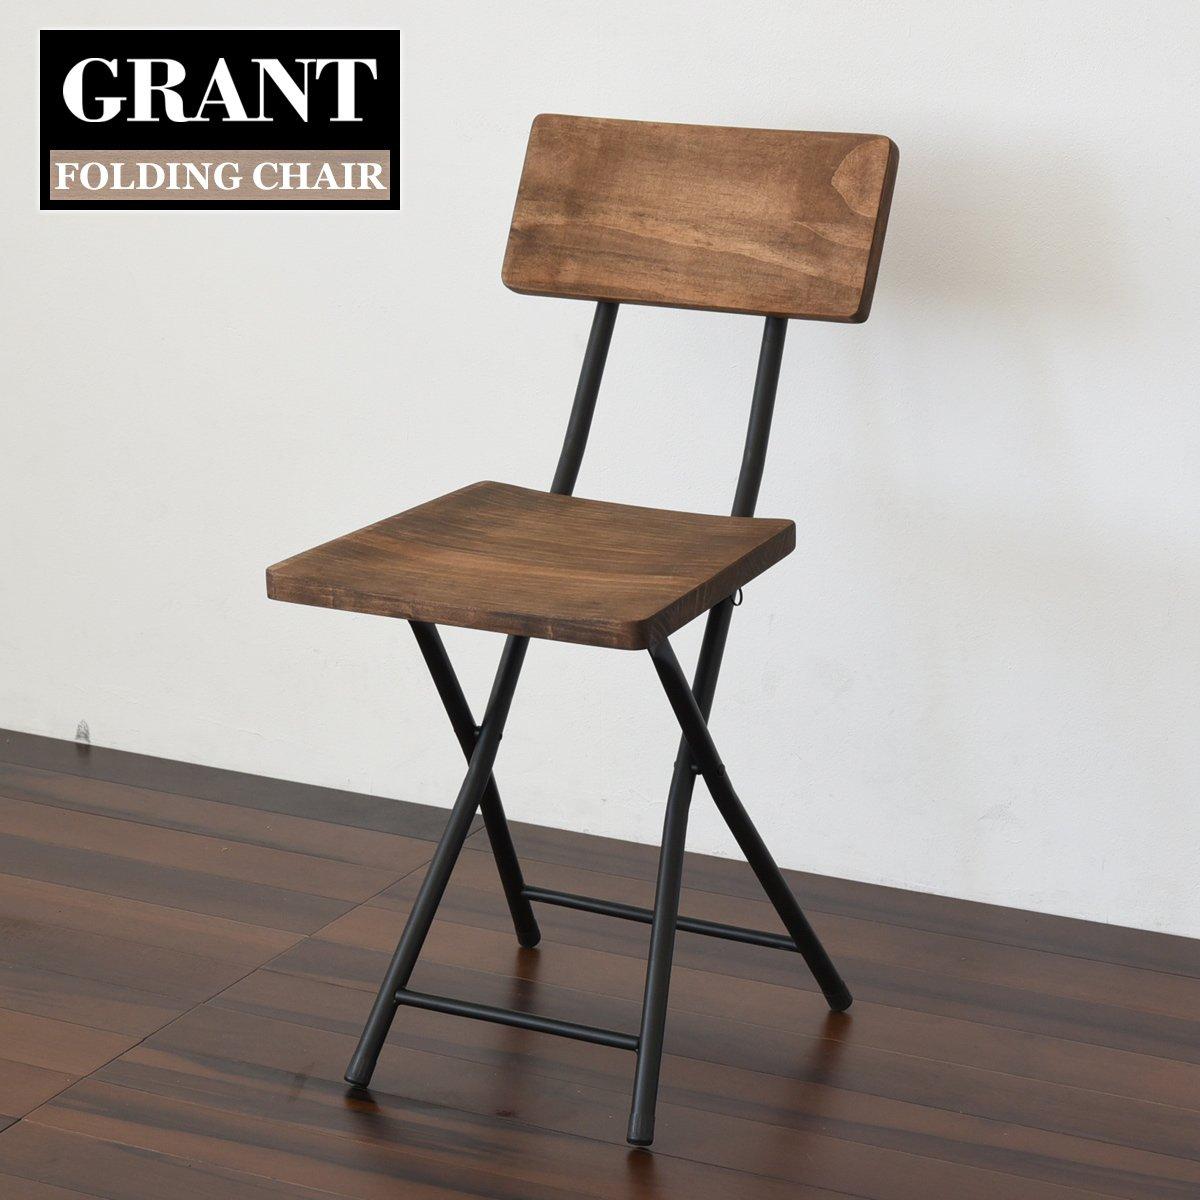 折りたたみチェアー 折りたたみ椅子 折り畳みチェア 折りたたみチェア 軽量 木製チェア 椅子 折り畳みいす 収納 持ち運び アイアン アンティーク おしゃれ フォールディングチェア GRANT グラント GRFC-340の写真